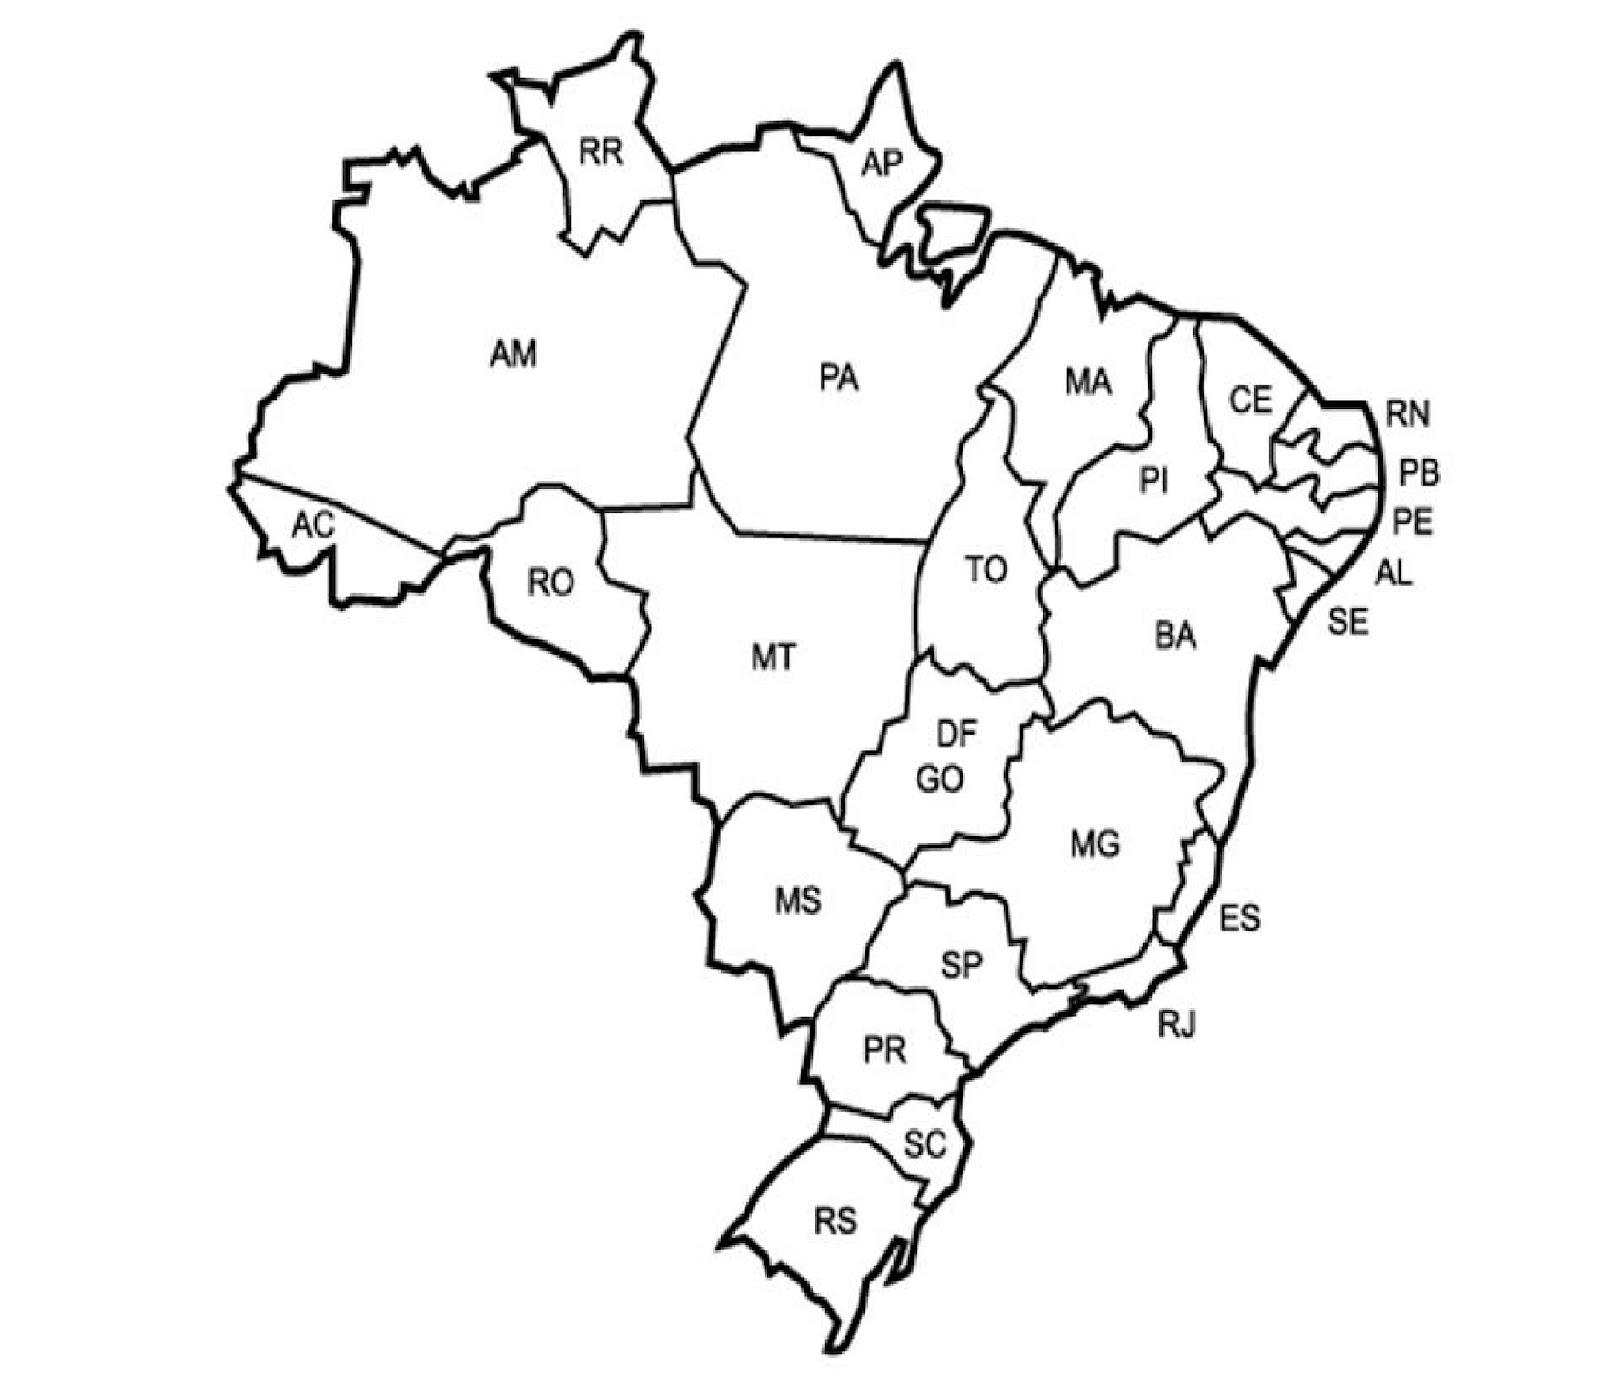 desenho do mapa do brasil com estados e capitais